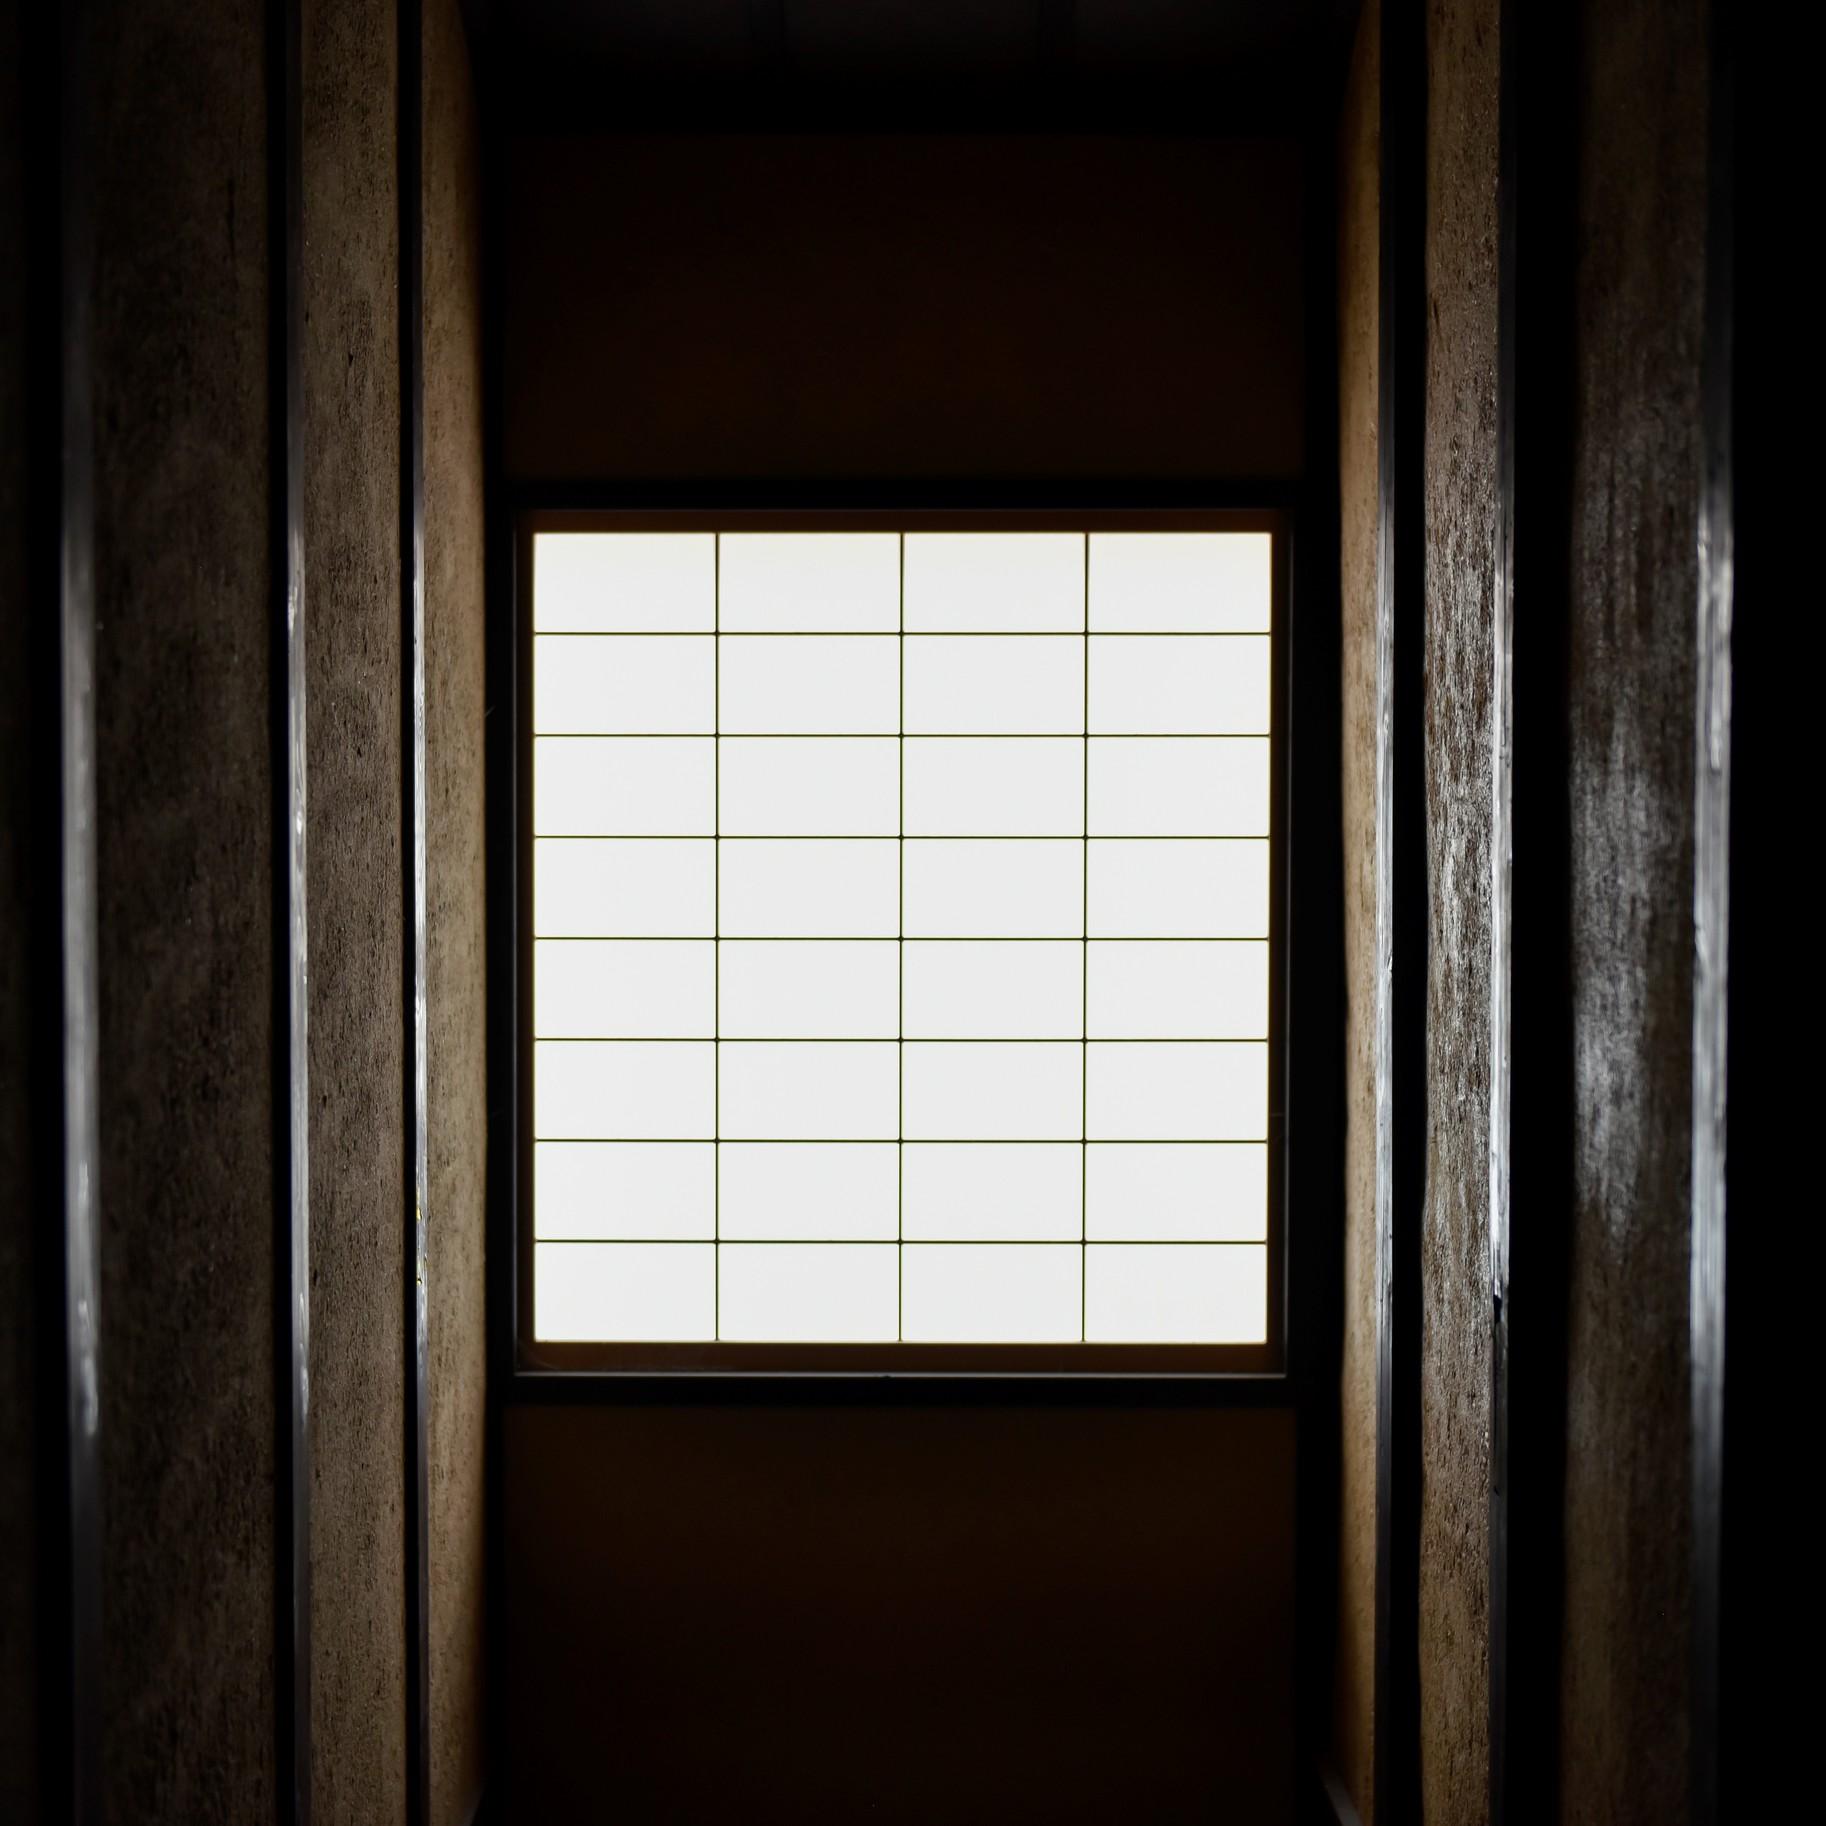 障子2 光と影のコントラスト。